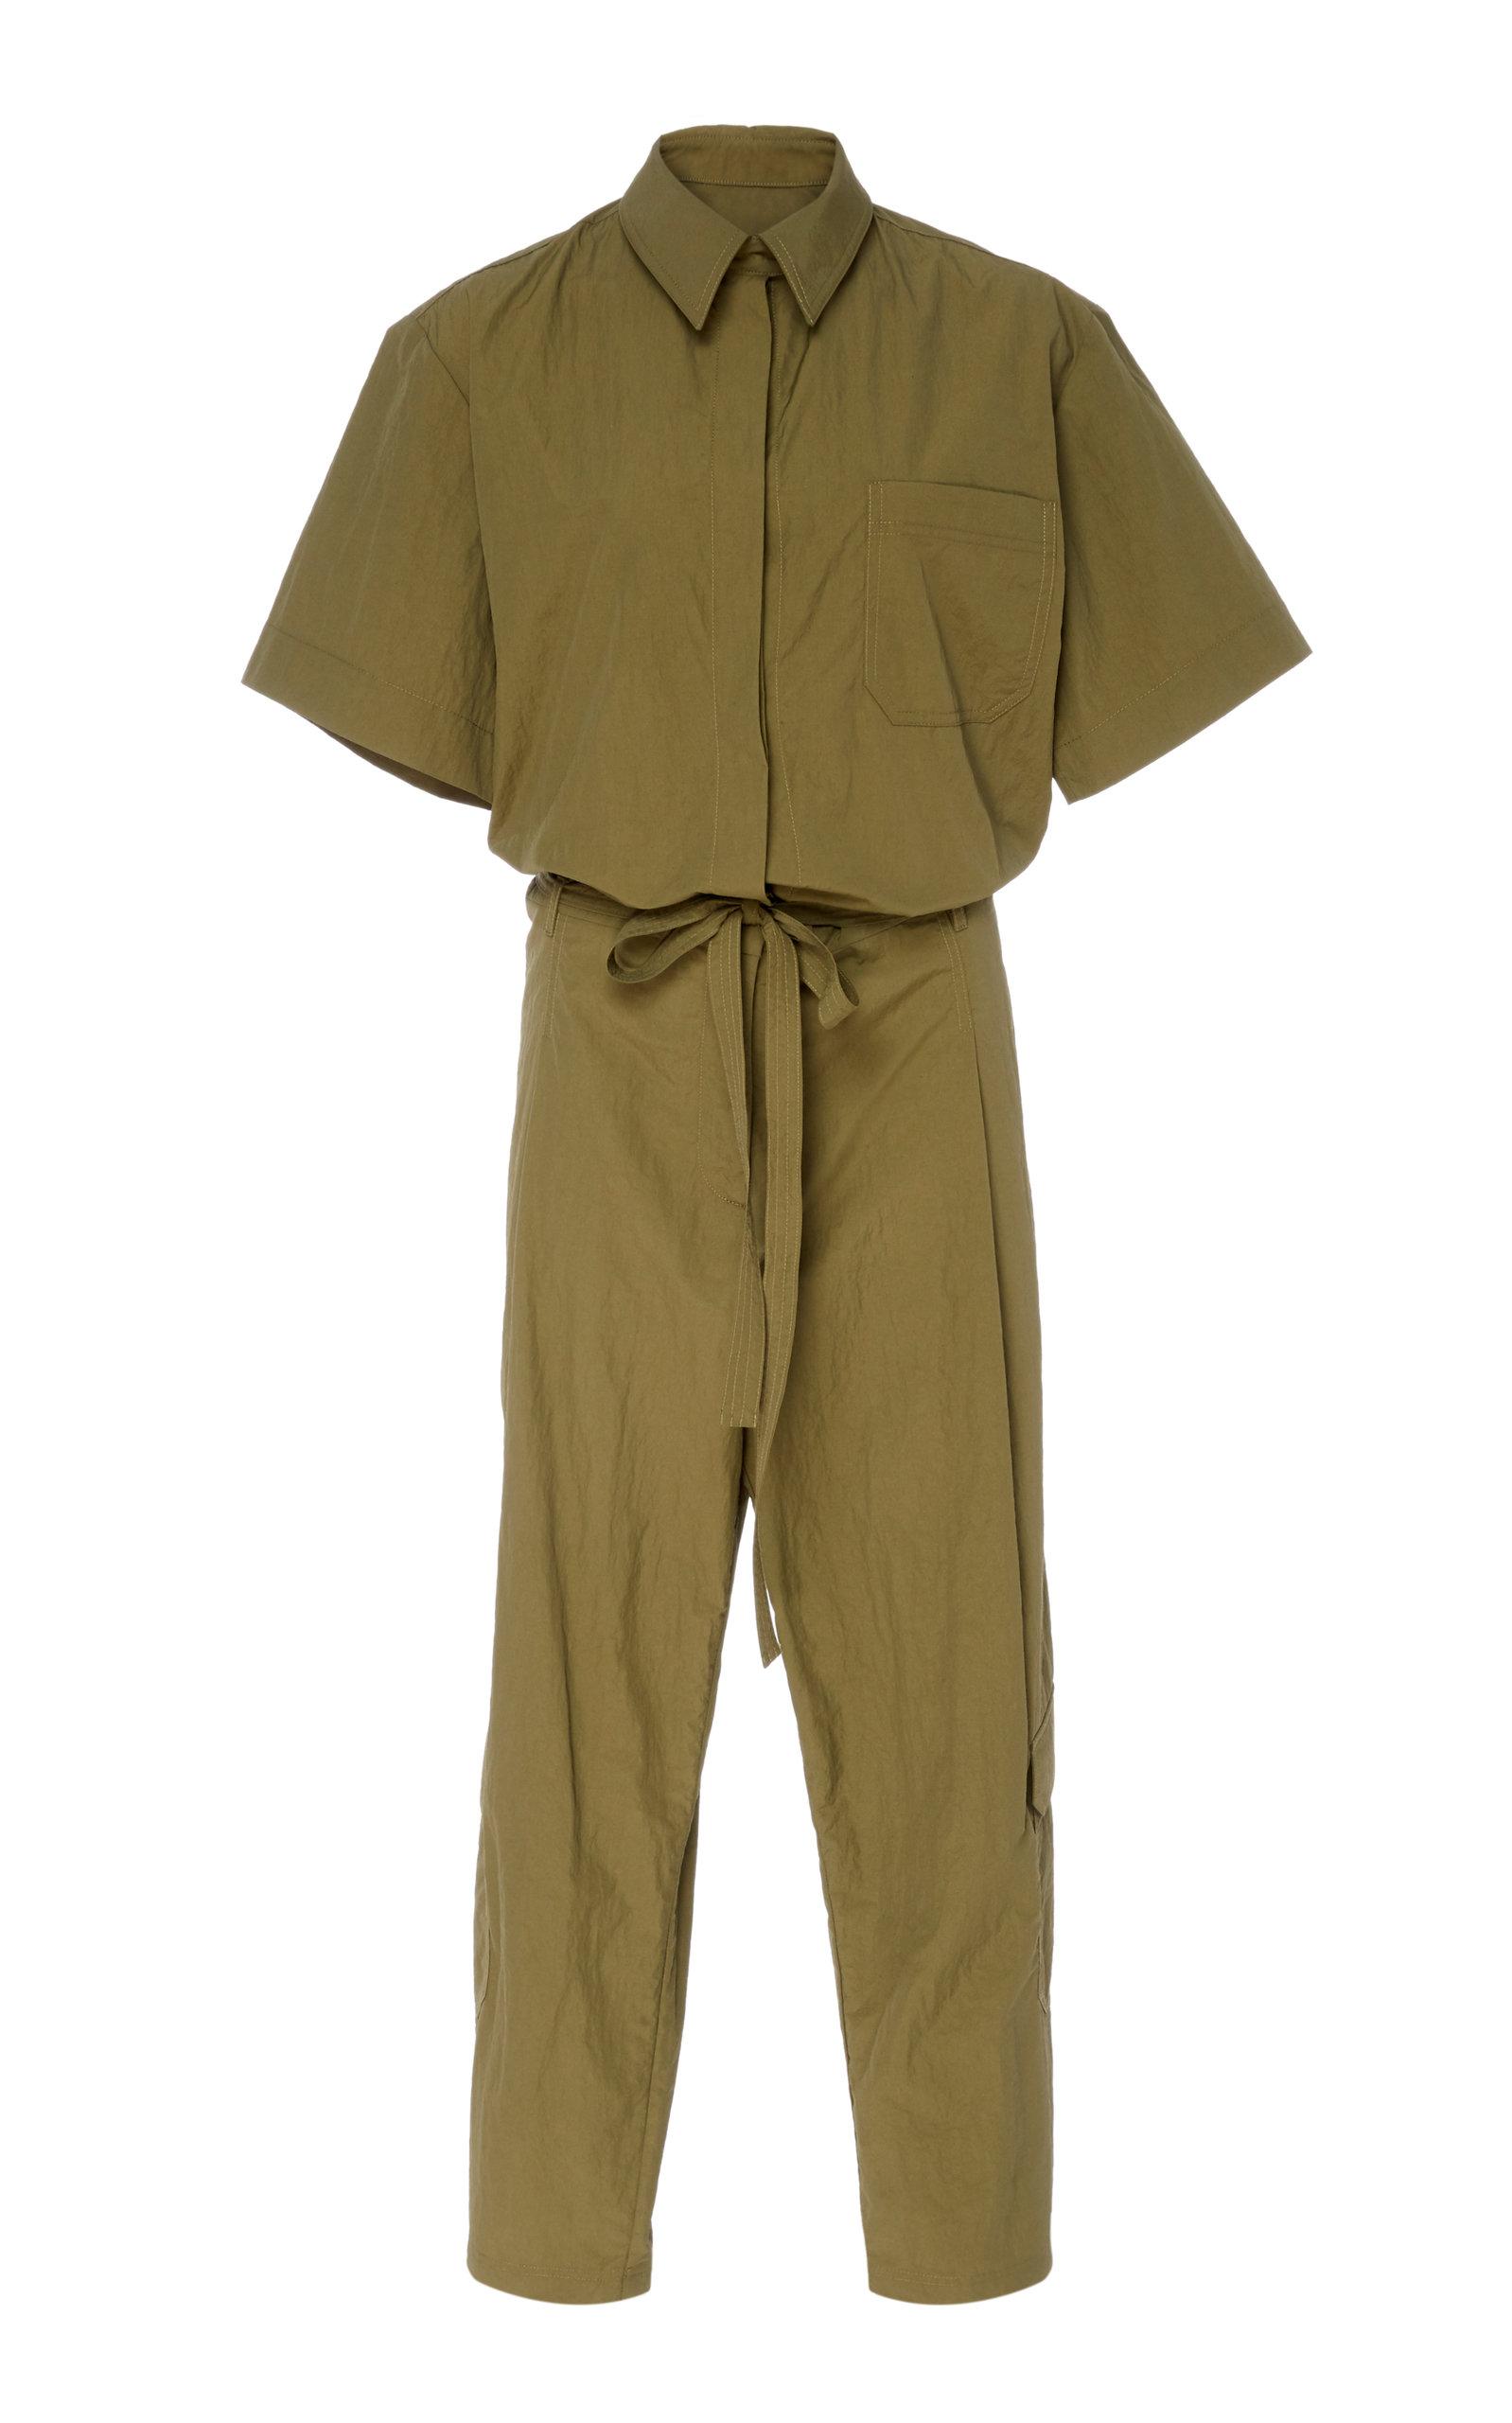 0b076a6445f DeveauxShort Sleeve Cotton Blend Jumpsuit. CLOSE. Loading